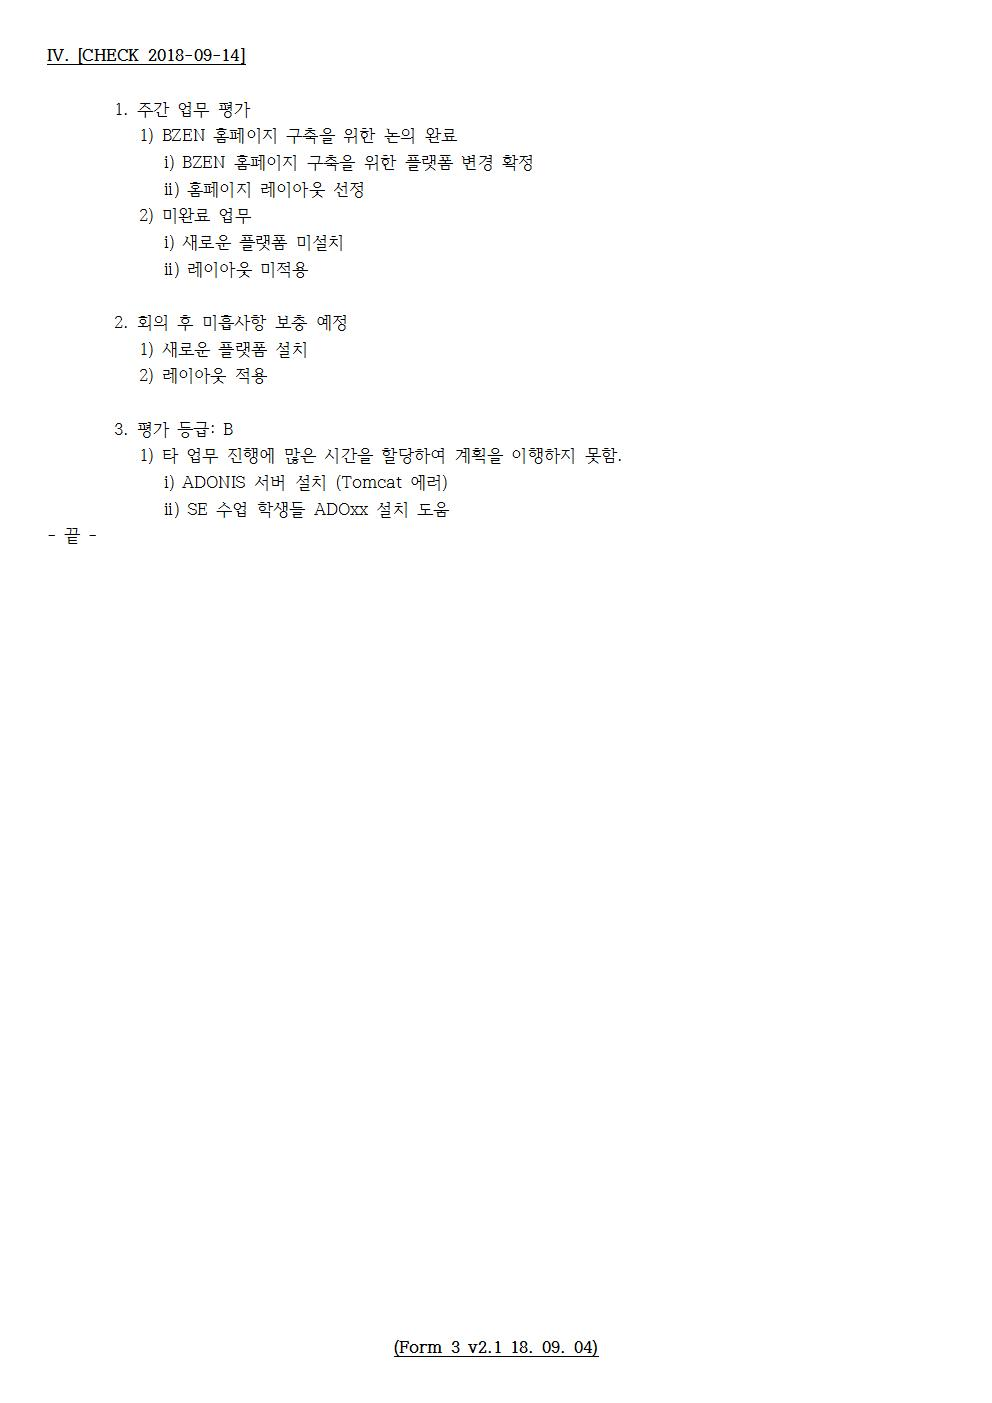 D-[18-047-BZ-07]-[BZEN HP v3.0]-[2018-09-14][JS]003.jpg